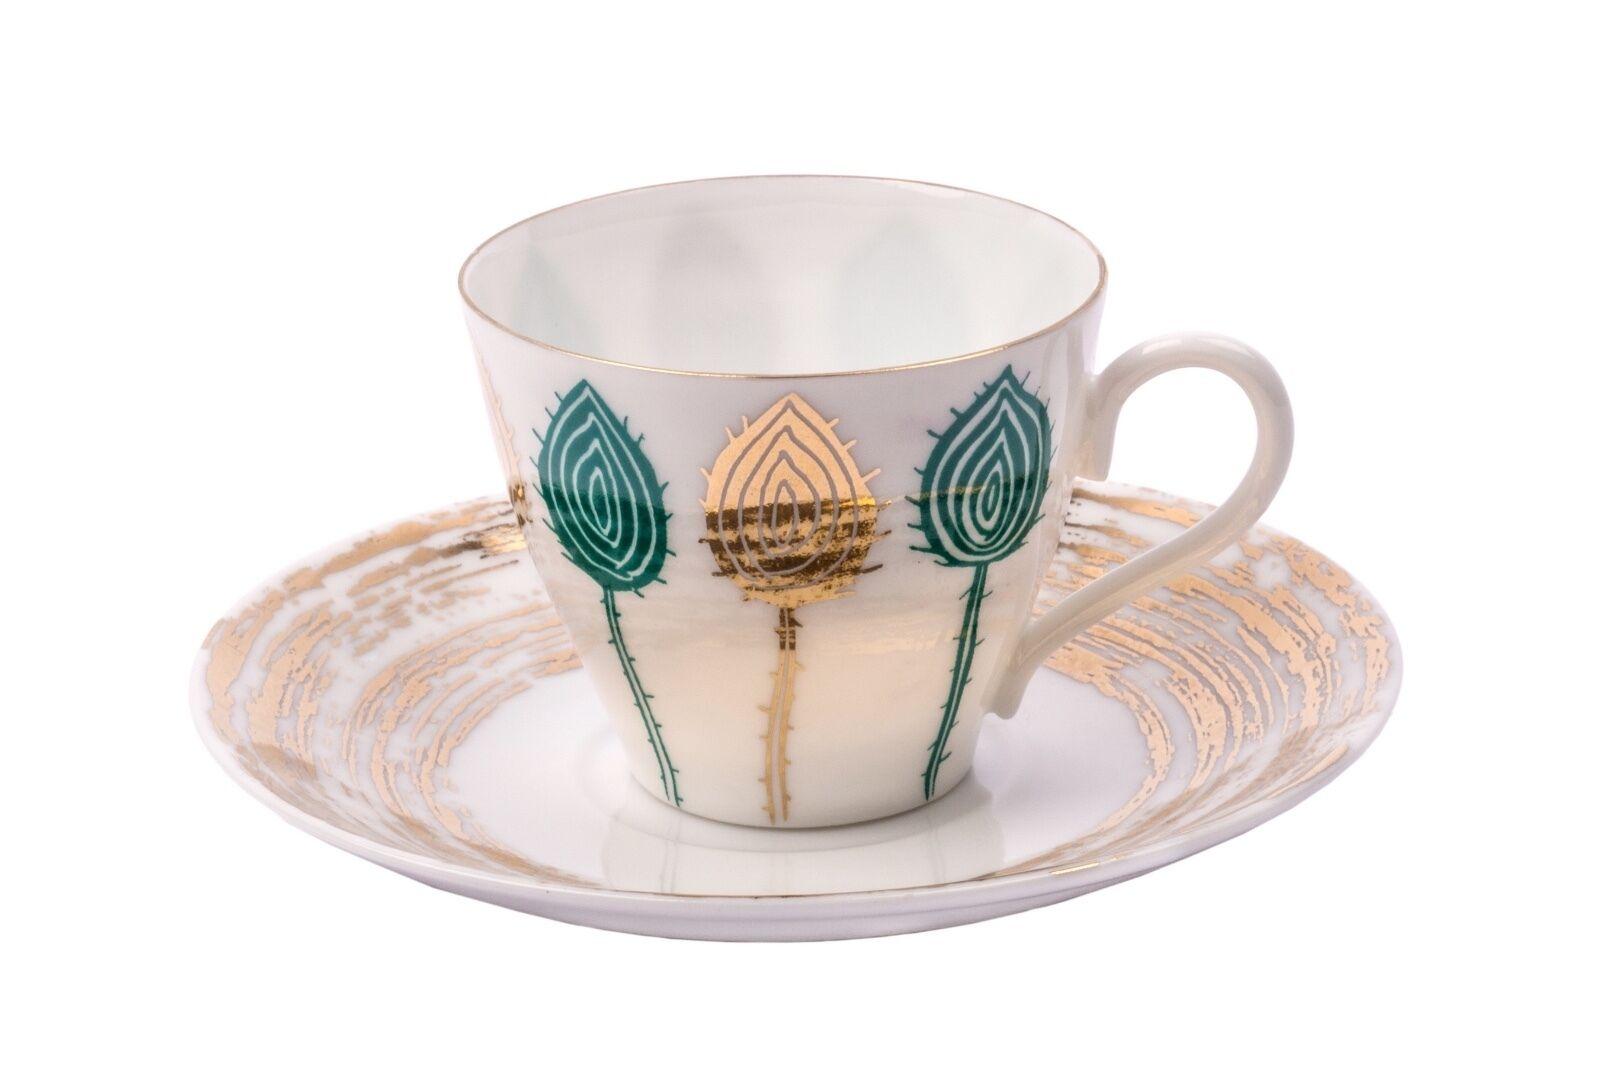 Sargadelos or Cardo Expresso Cup and Saucer